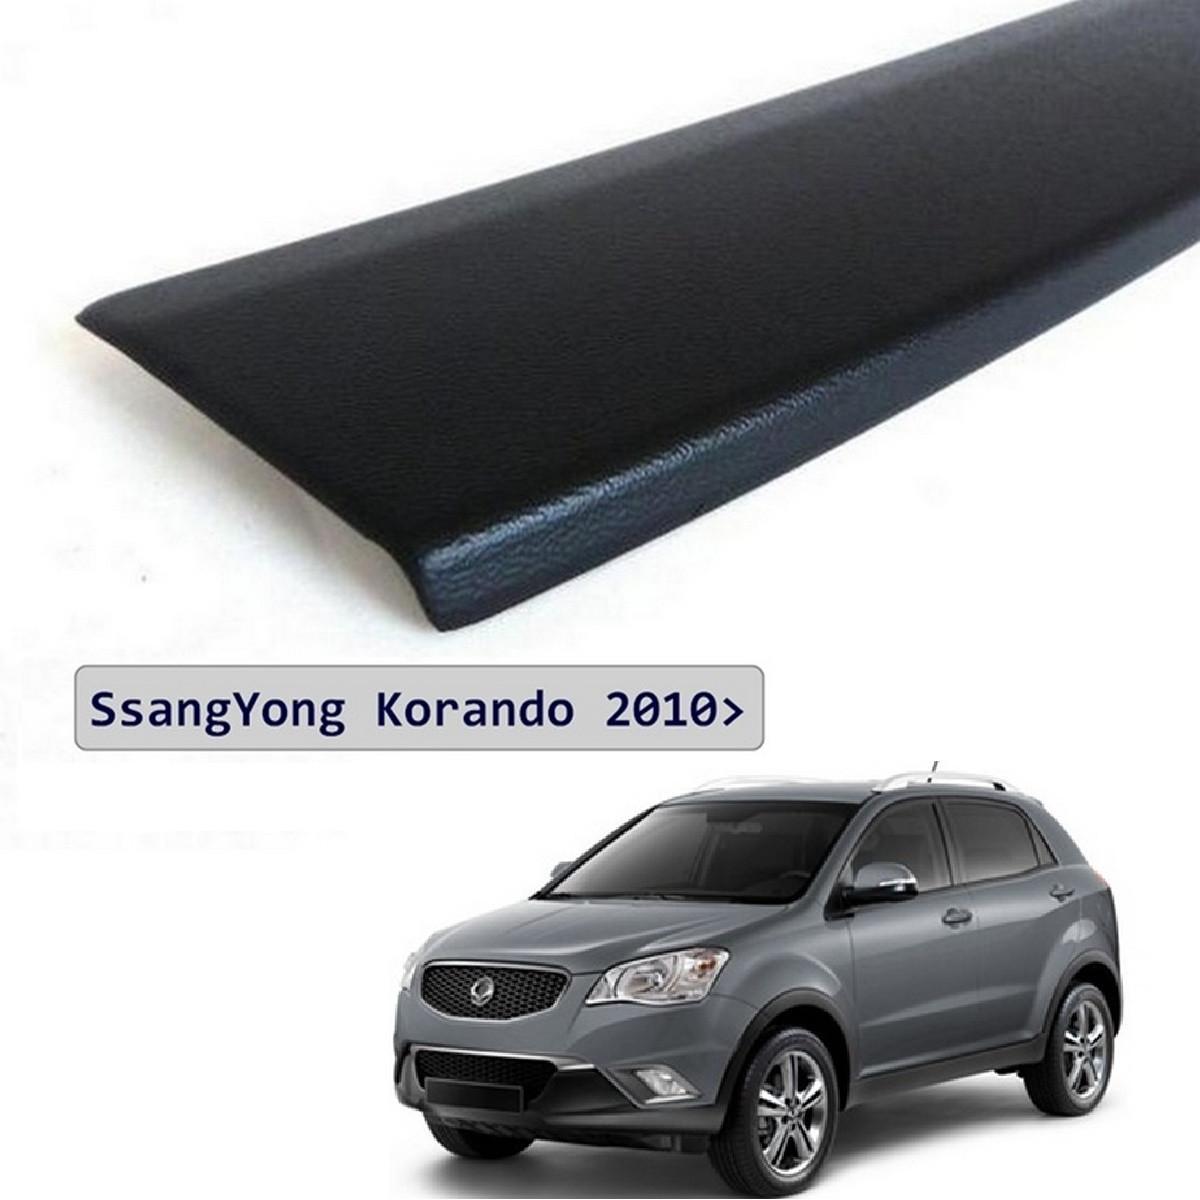 SsangYong Korando 2010> пластиковая защитная накладка заднего бампера